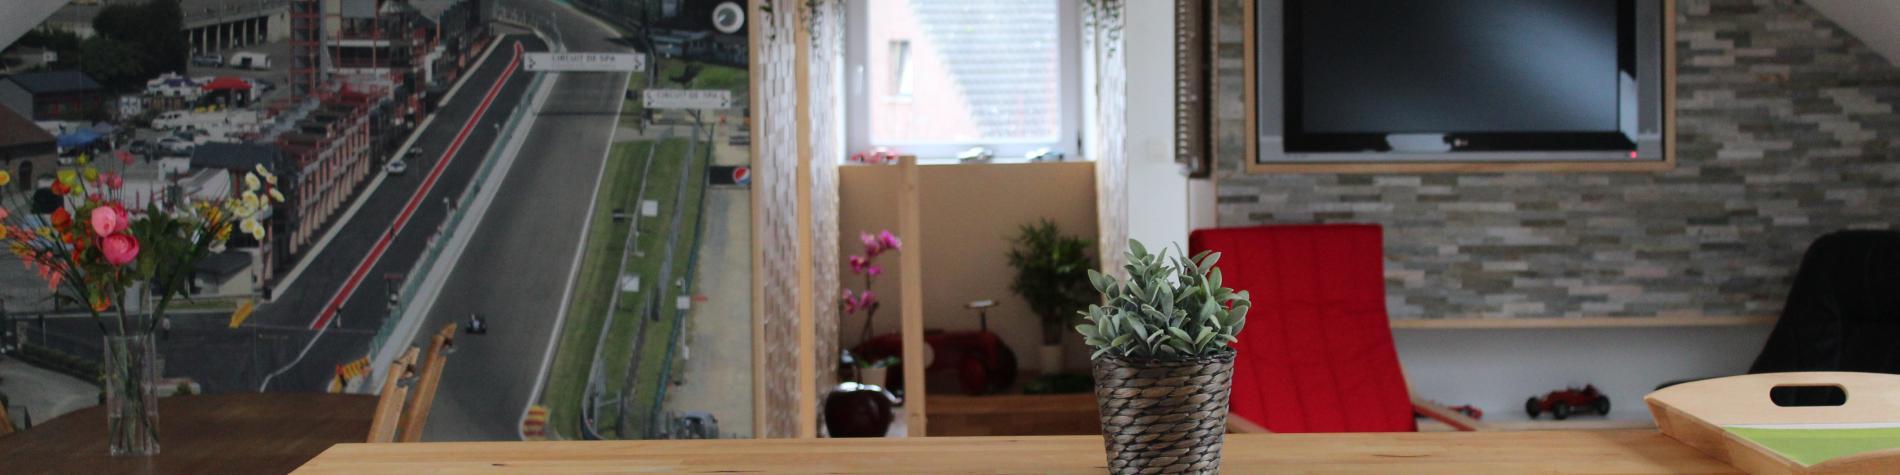 Meublé de vacances - Villa-bocages - Aubel